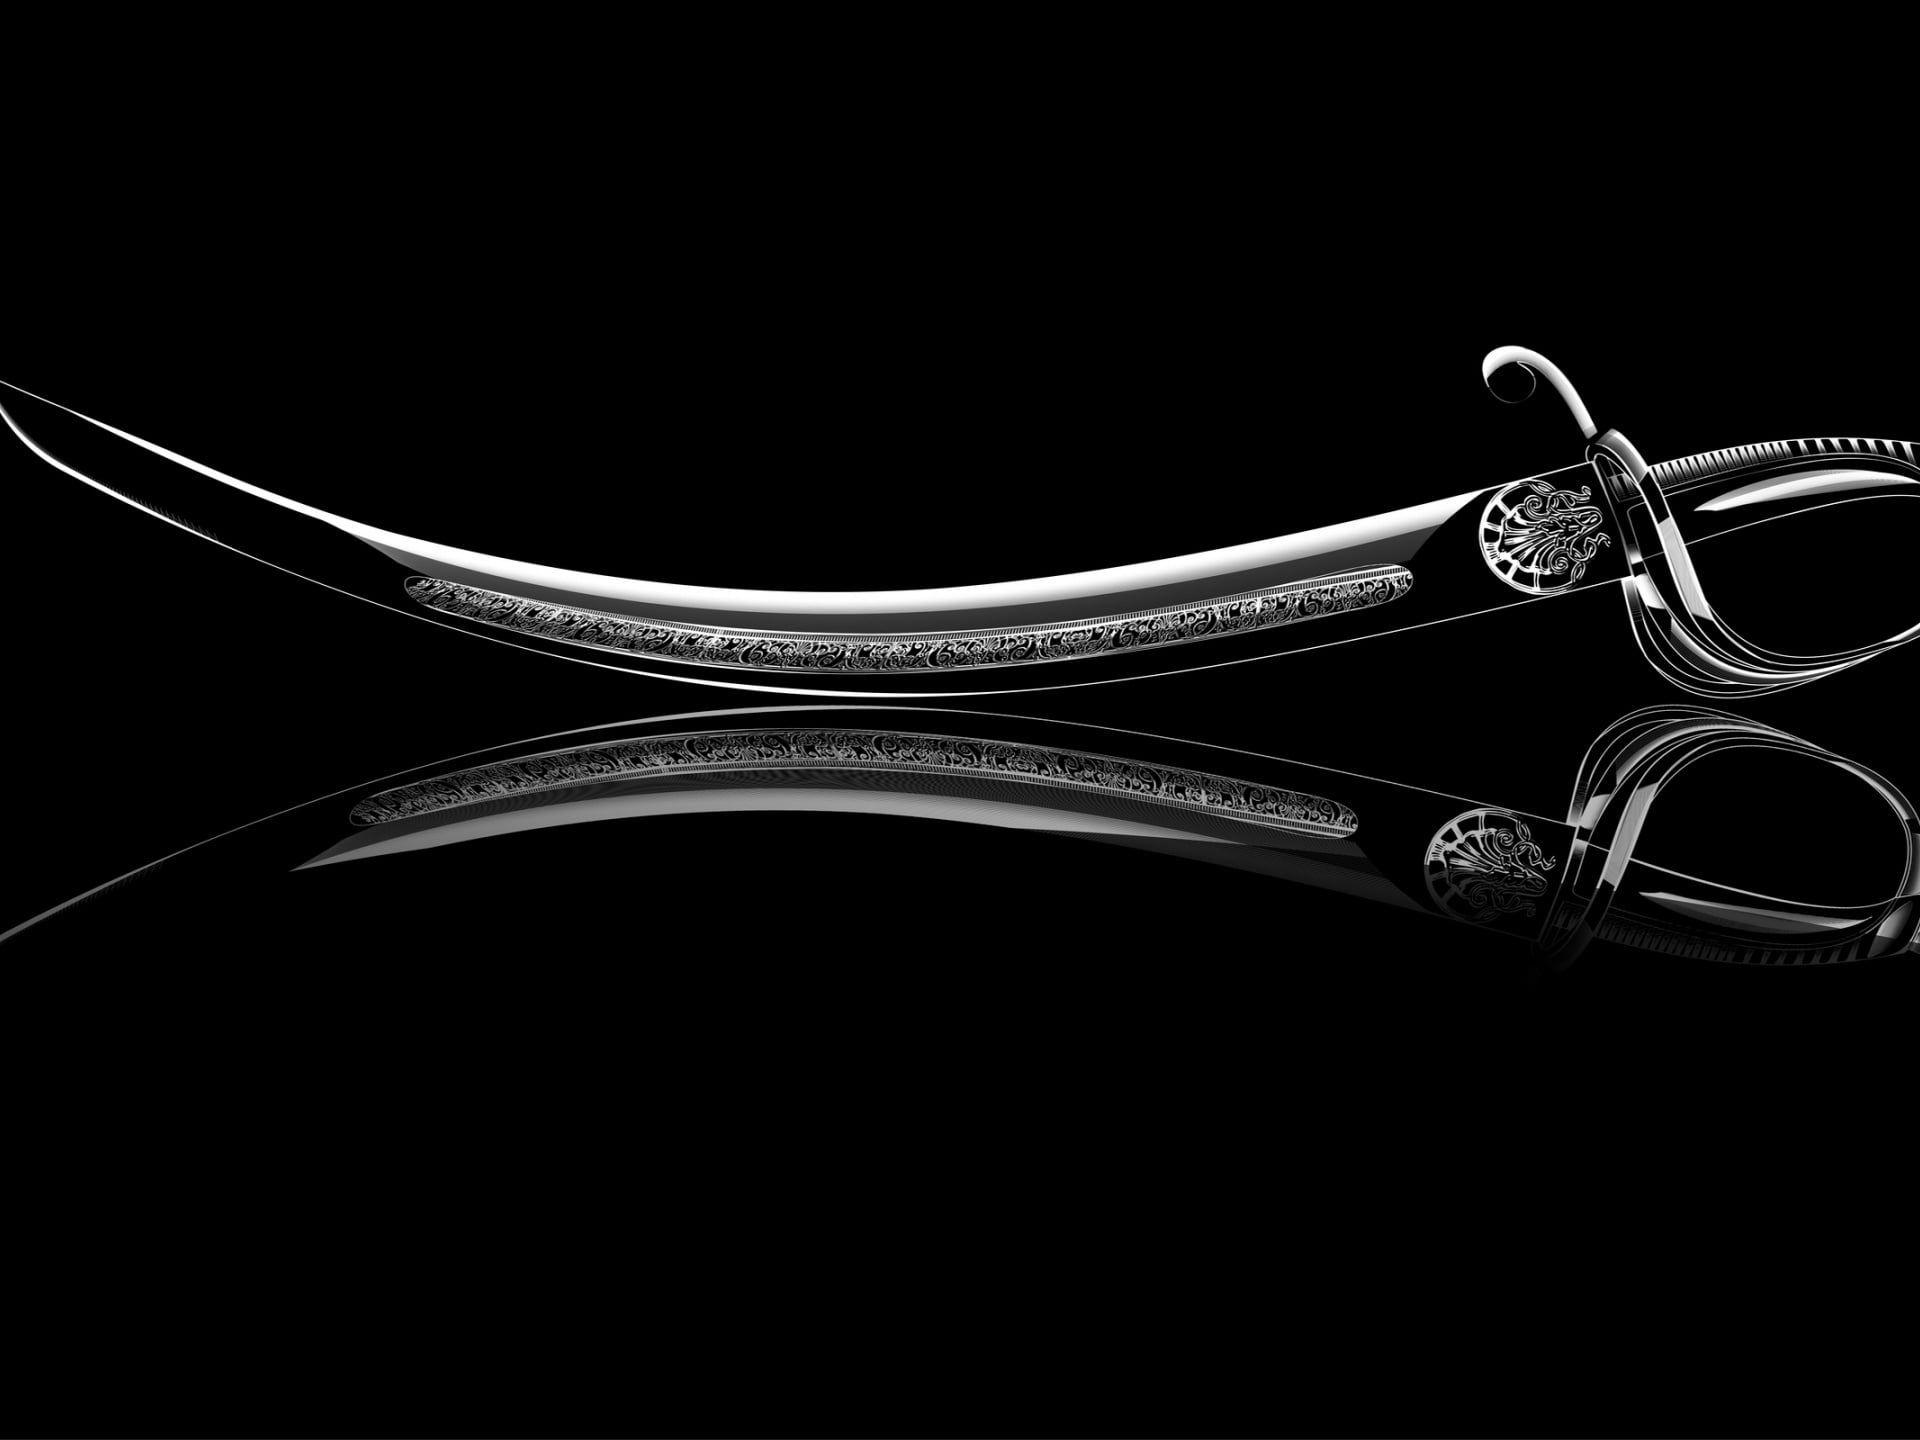 Pin On Sword